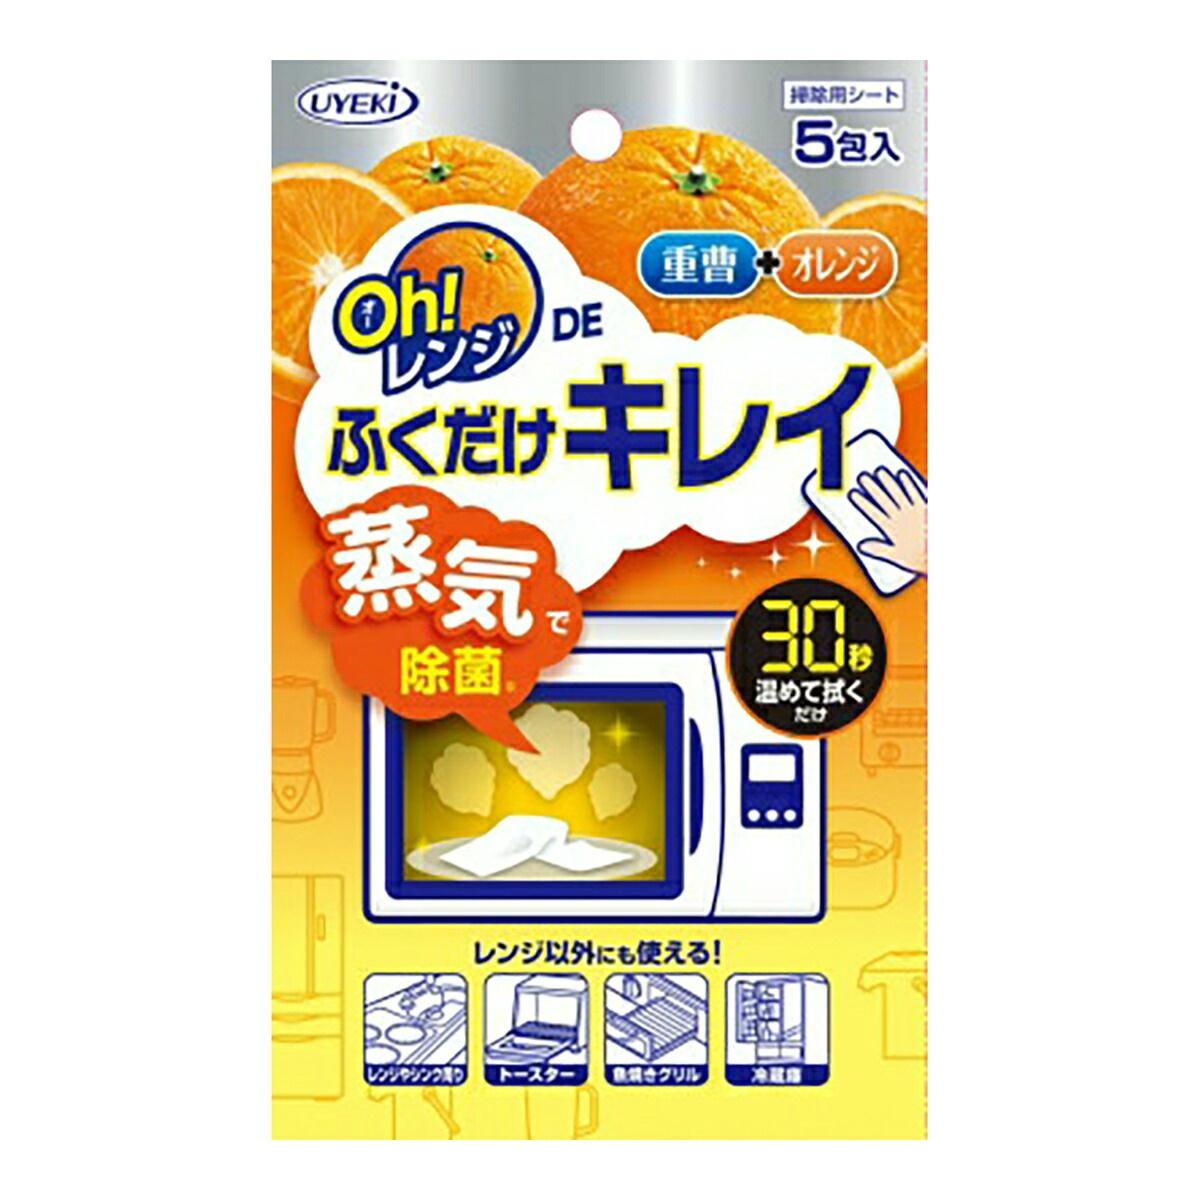 【72個で送料無料】UYEKI Oh!レンジDEふくだけキレイ ( 内容量:5包 ) ×72点セット ( 4968909068100 )